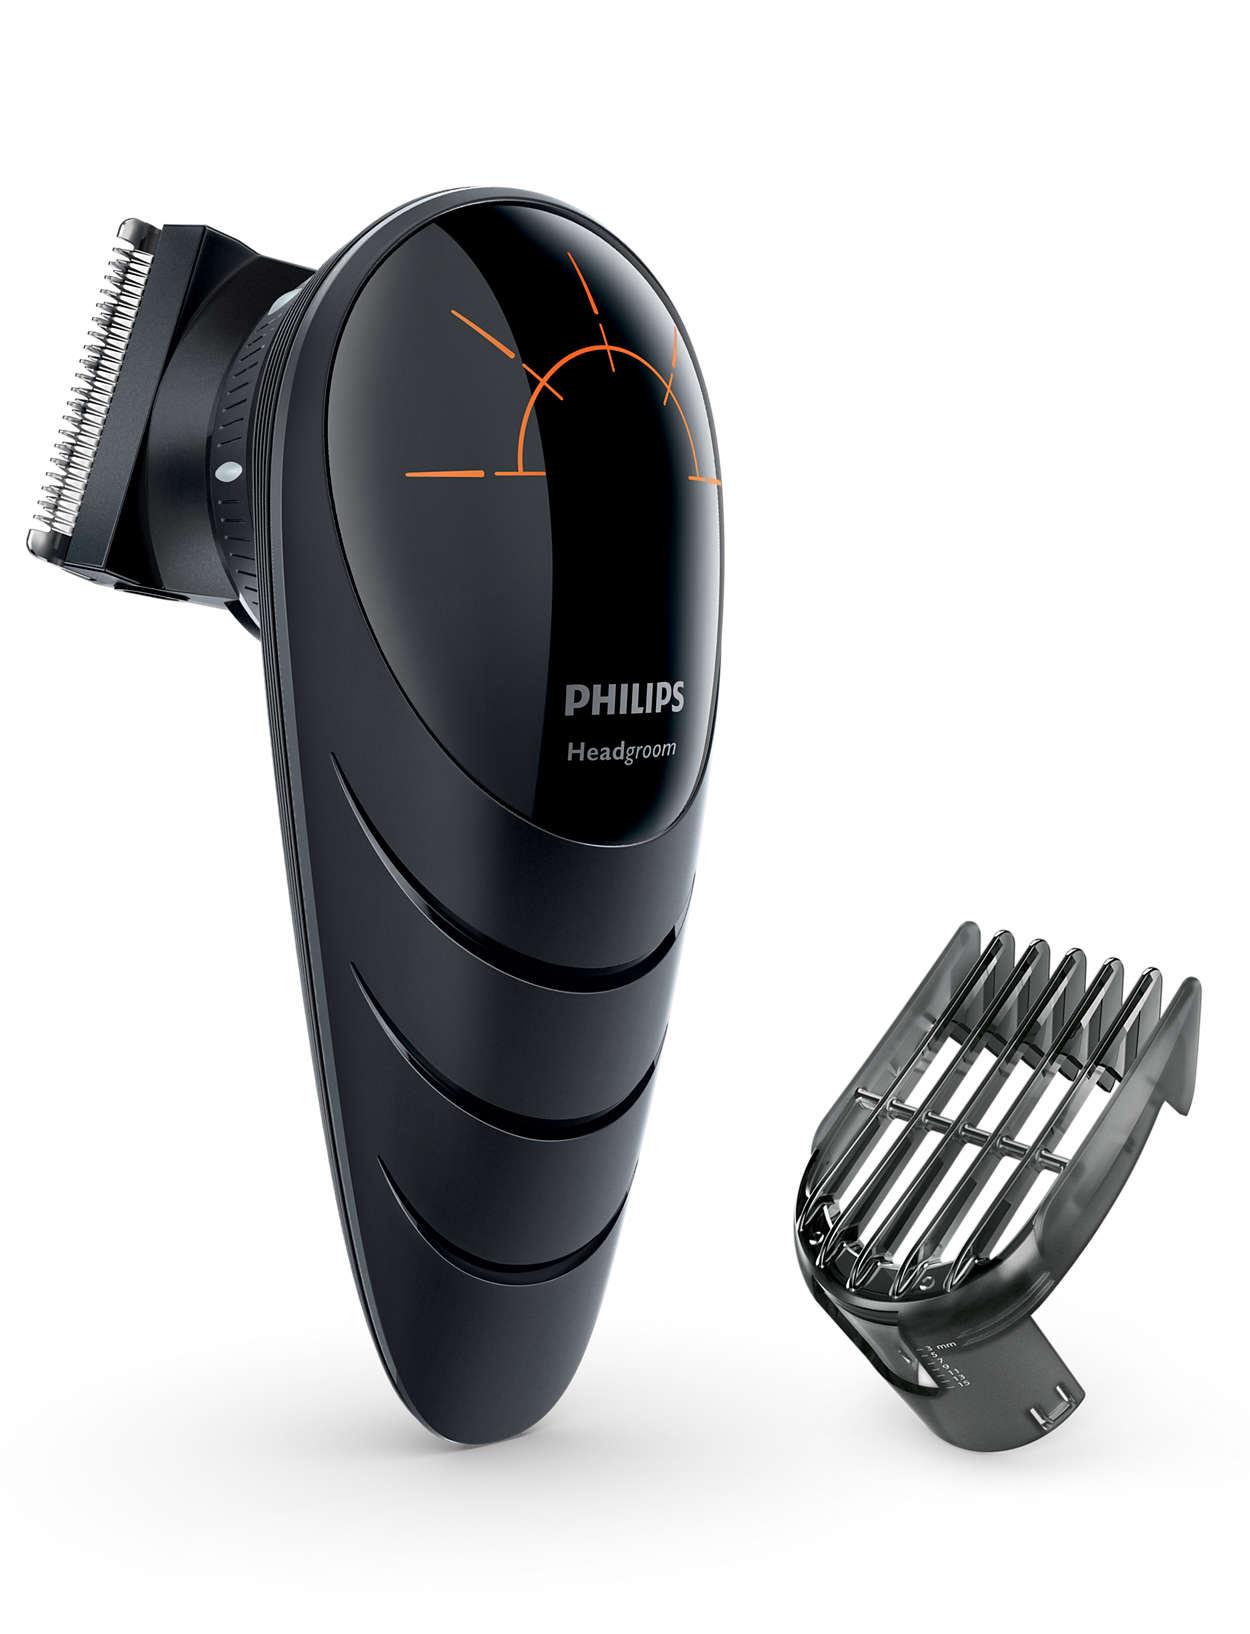 Cortate vos mismo el pelo, incluso en zonas difíciles de llegar